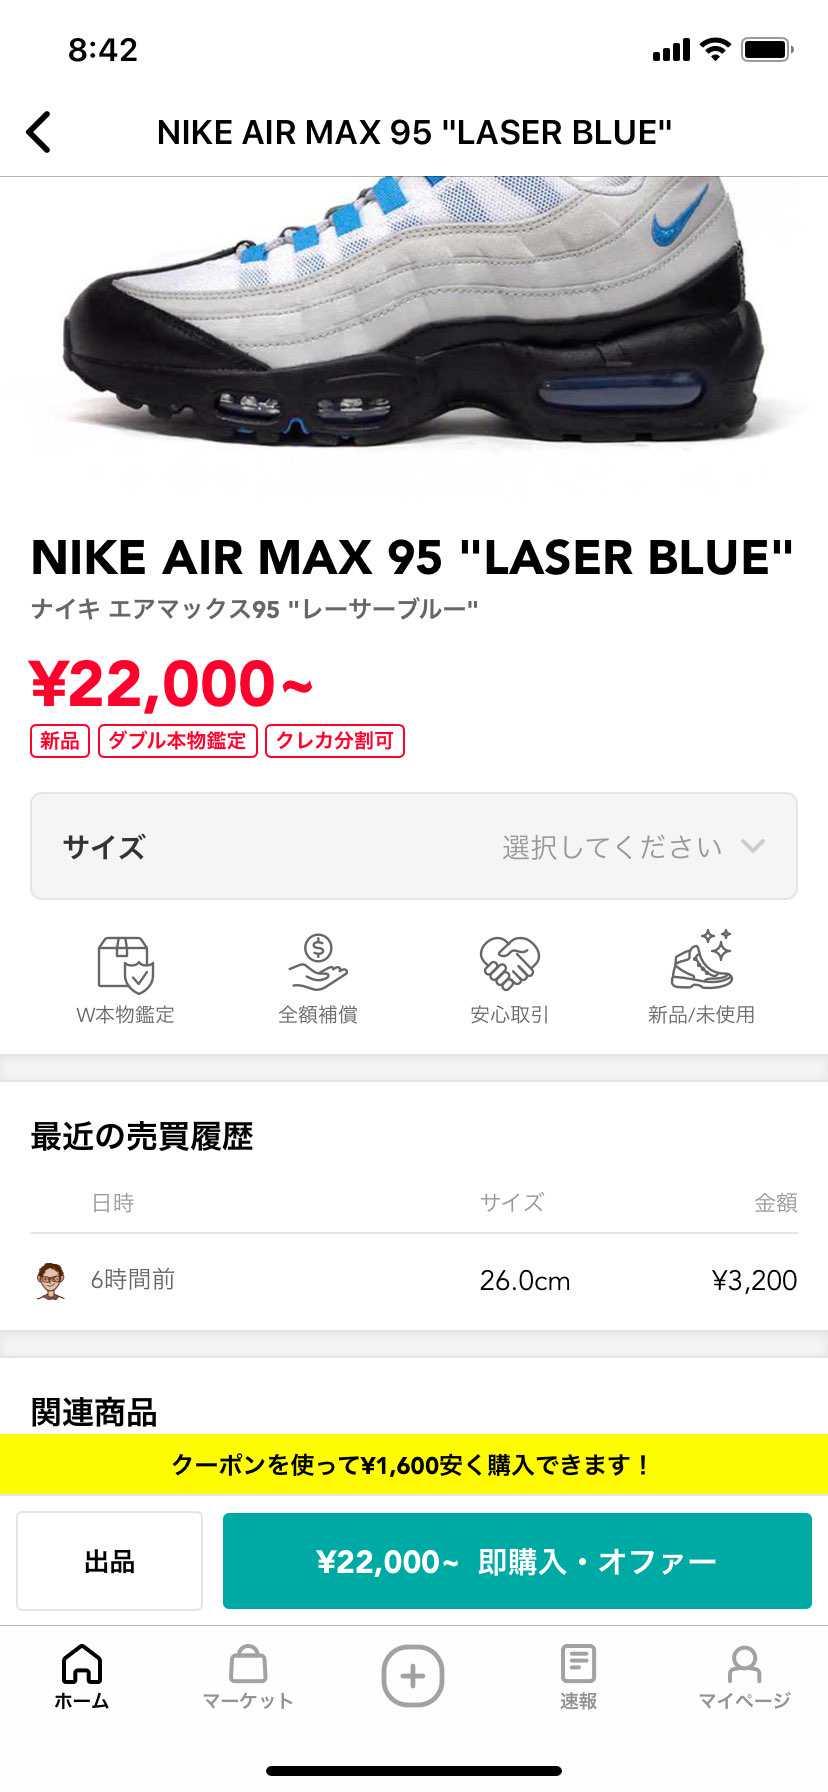 えっ3200円⁉︎